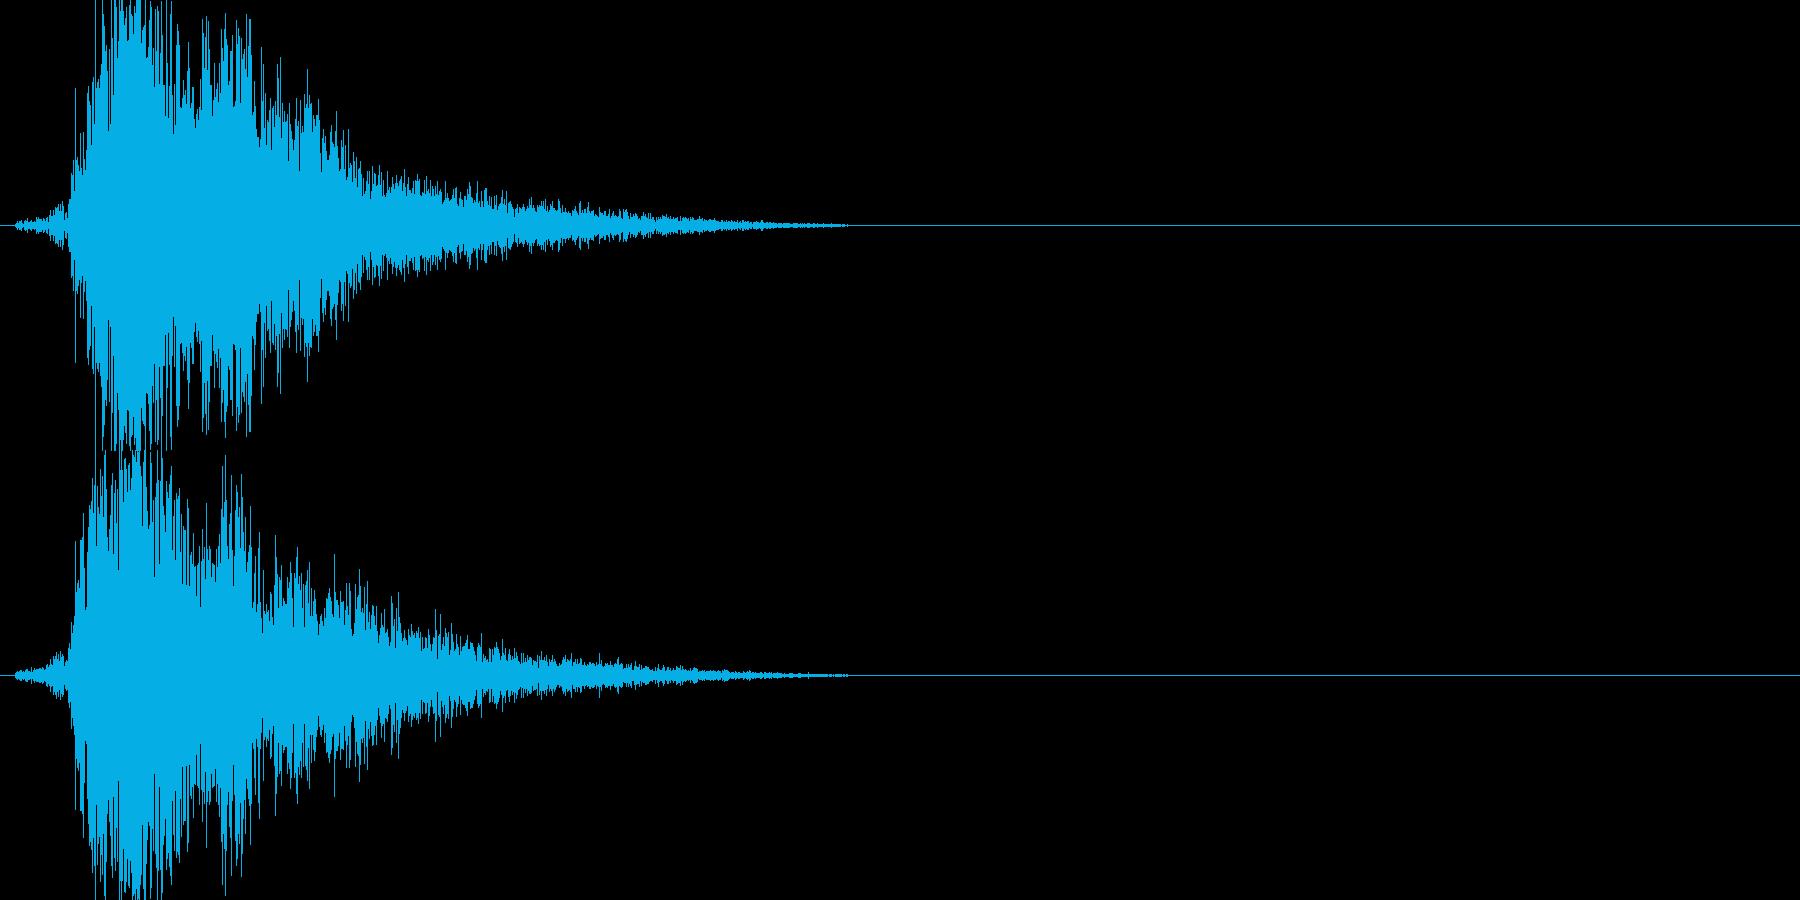 刀の素振り(ピュッと鋭い音)の再生済みの波形